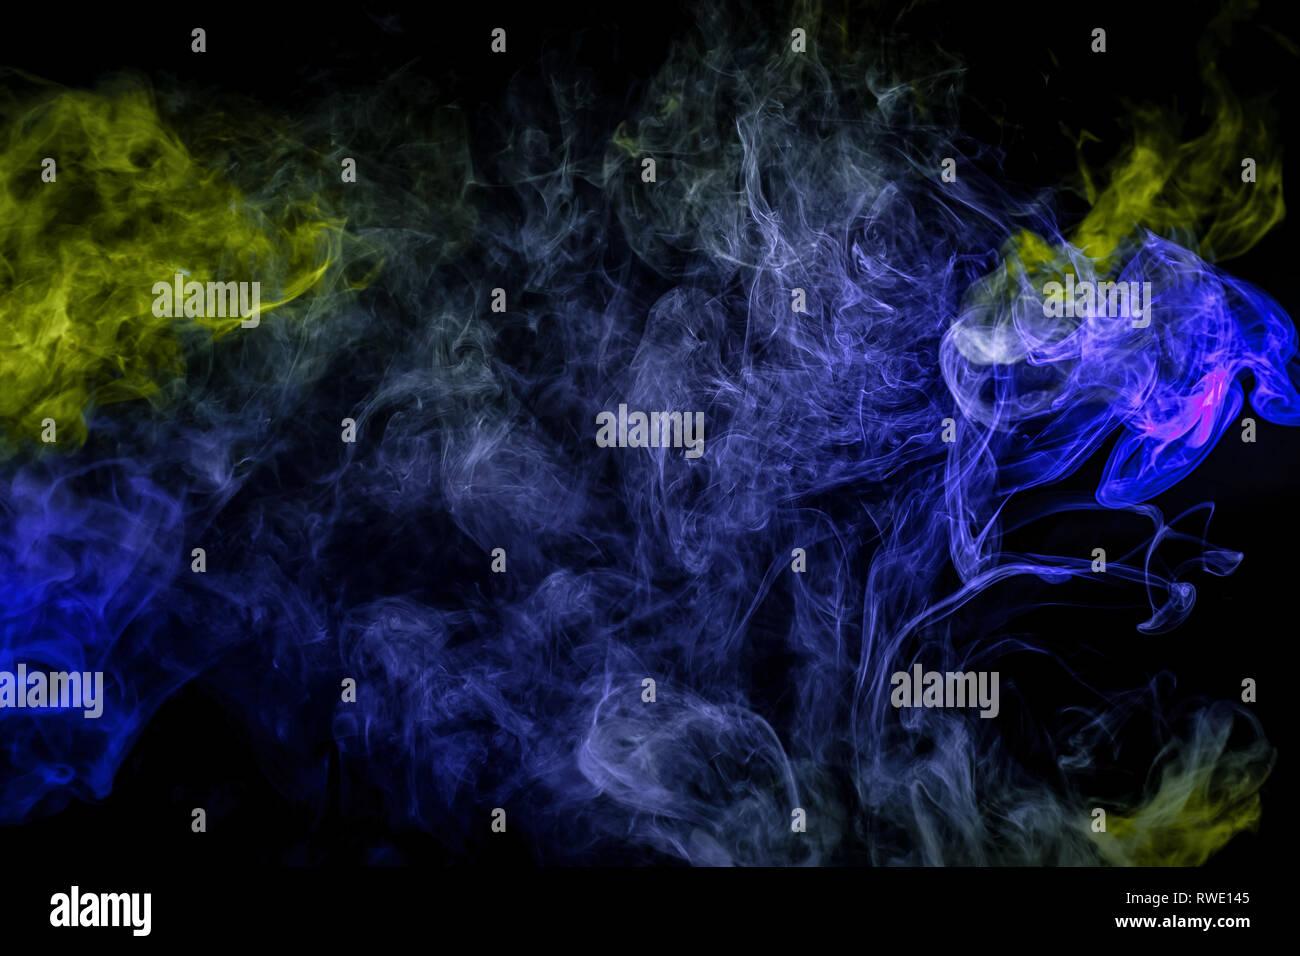 Denso Fumo Multicolore Di Colori Blu E Verde Su Un Isolato Nero Lo